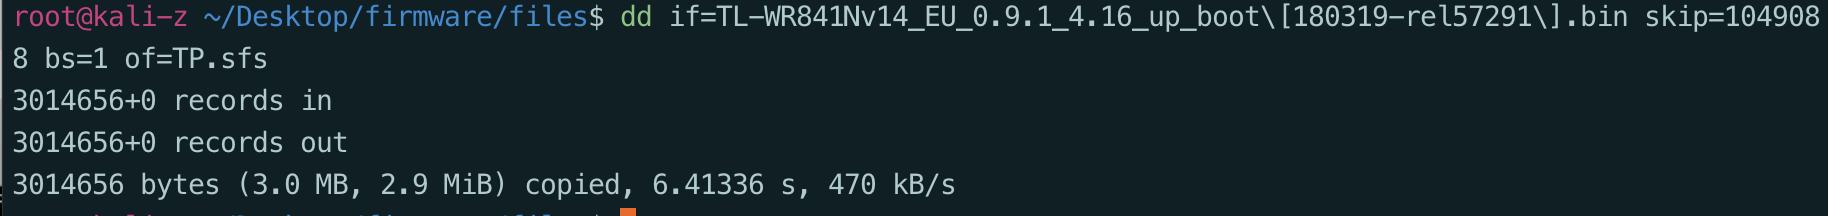 B25D6B9F-1B47-42F0-8BAC-1B630954E8E0.png